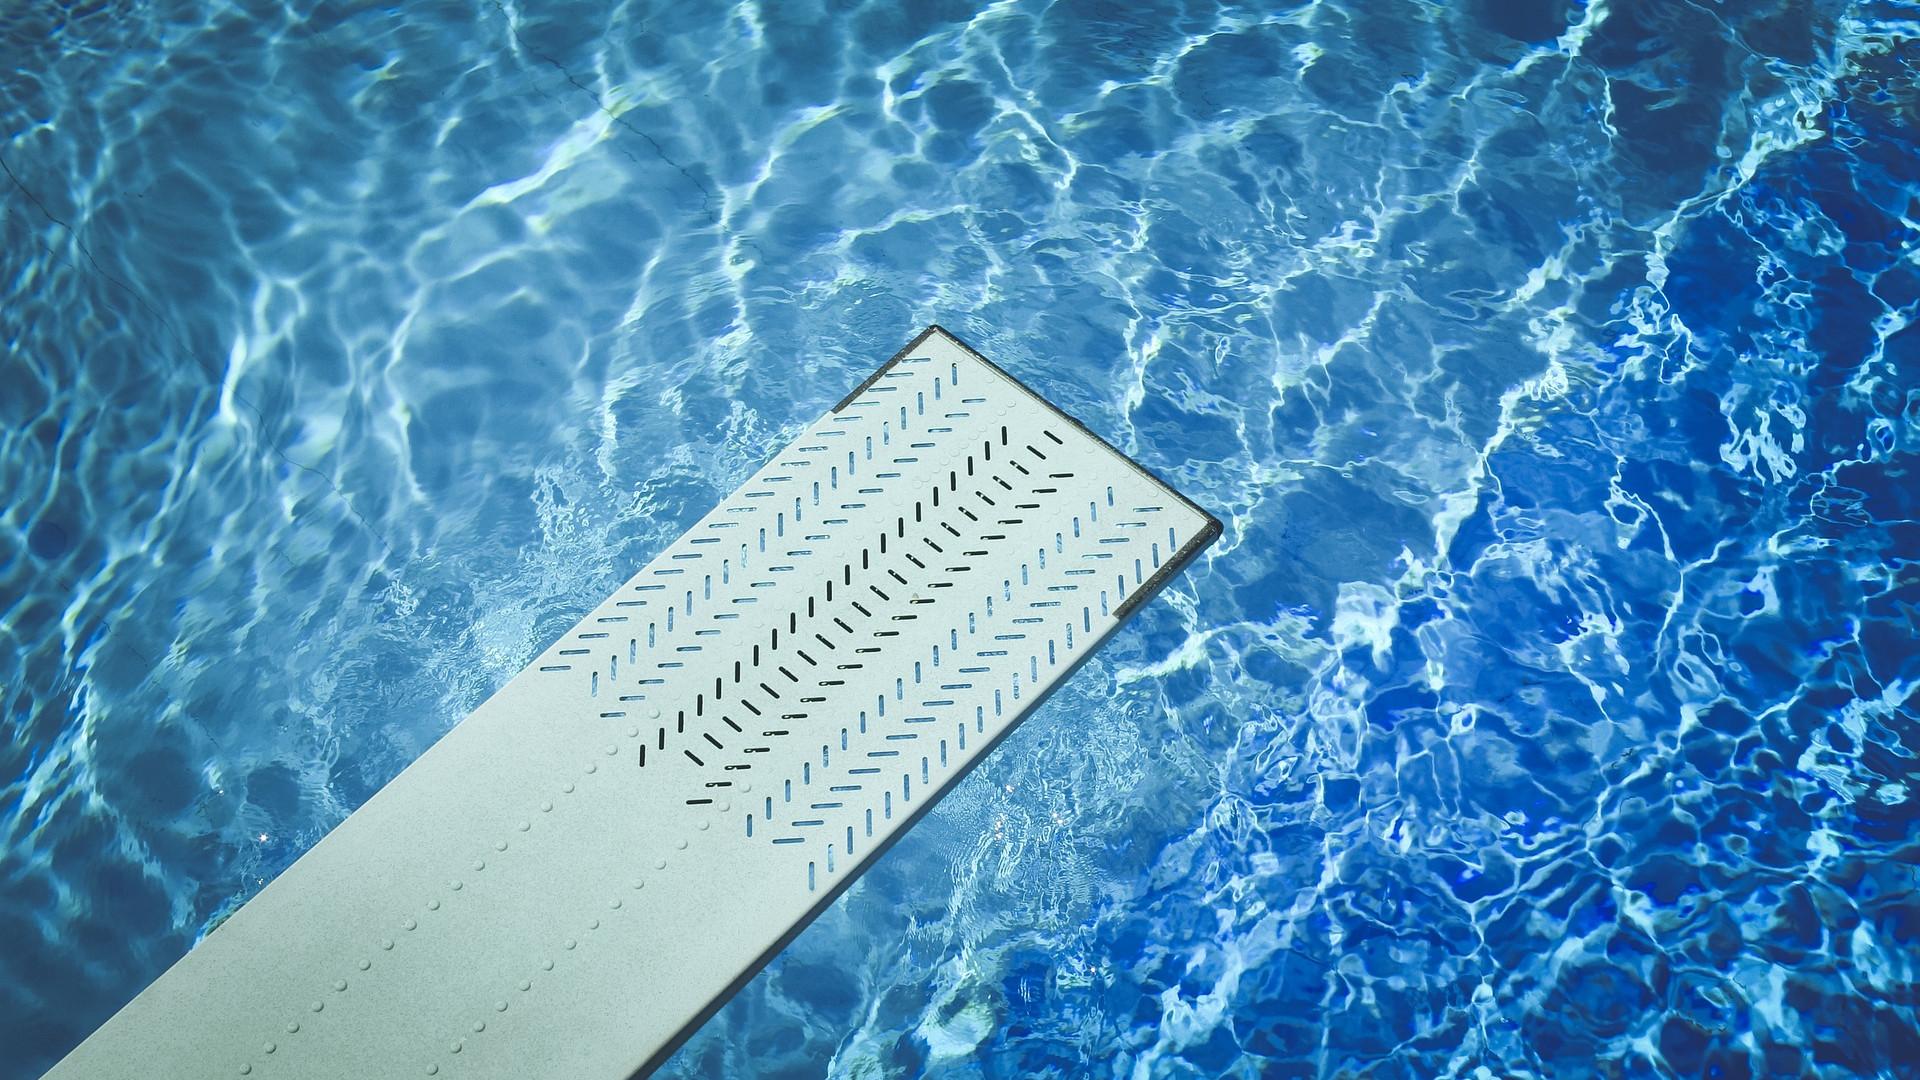 Le nettoyage de votre piscine est indispensable for Nettoyage piscine